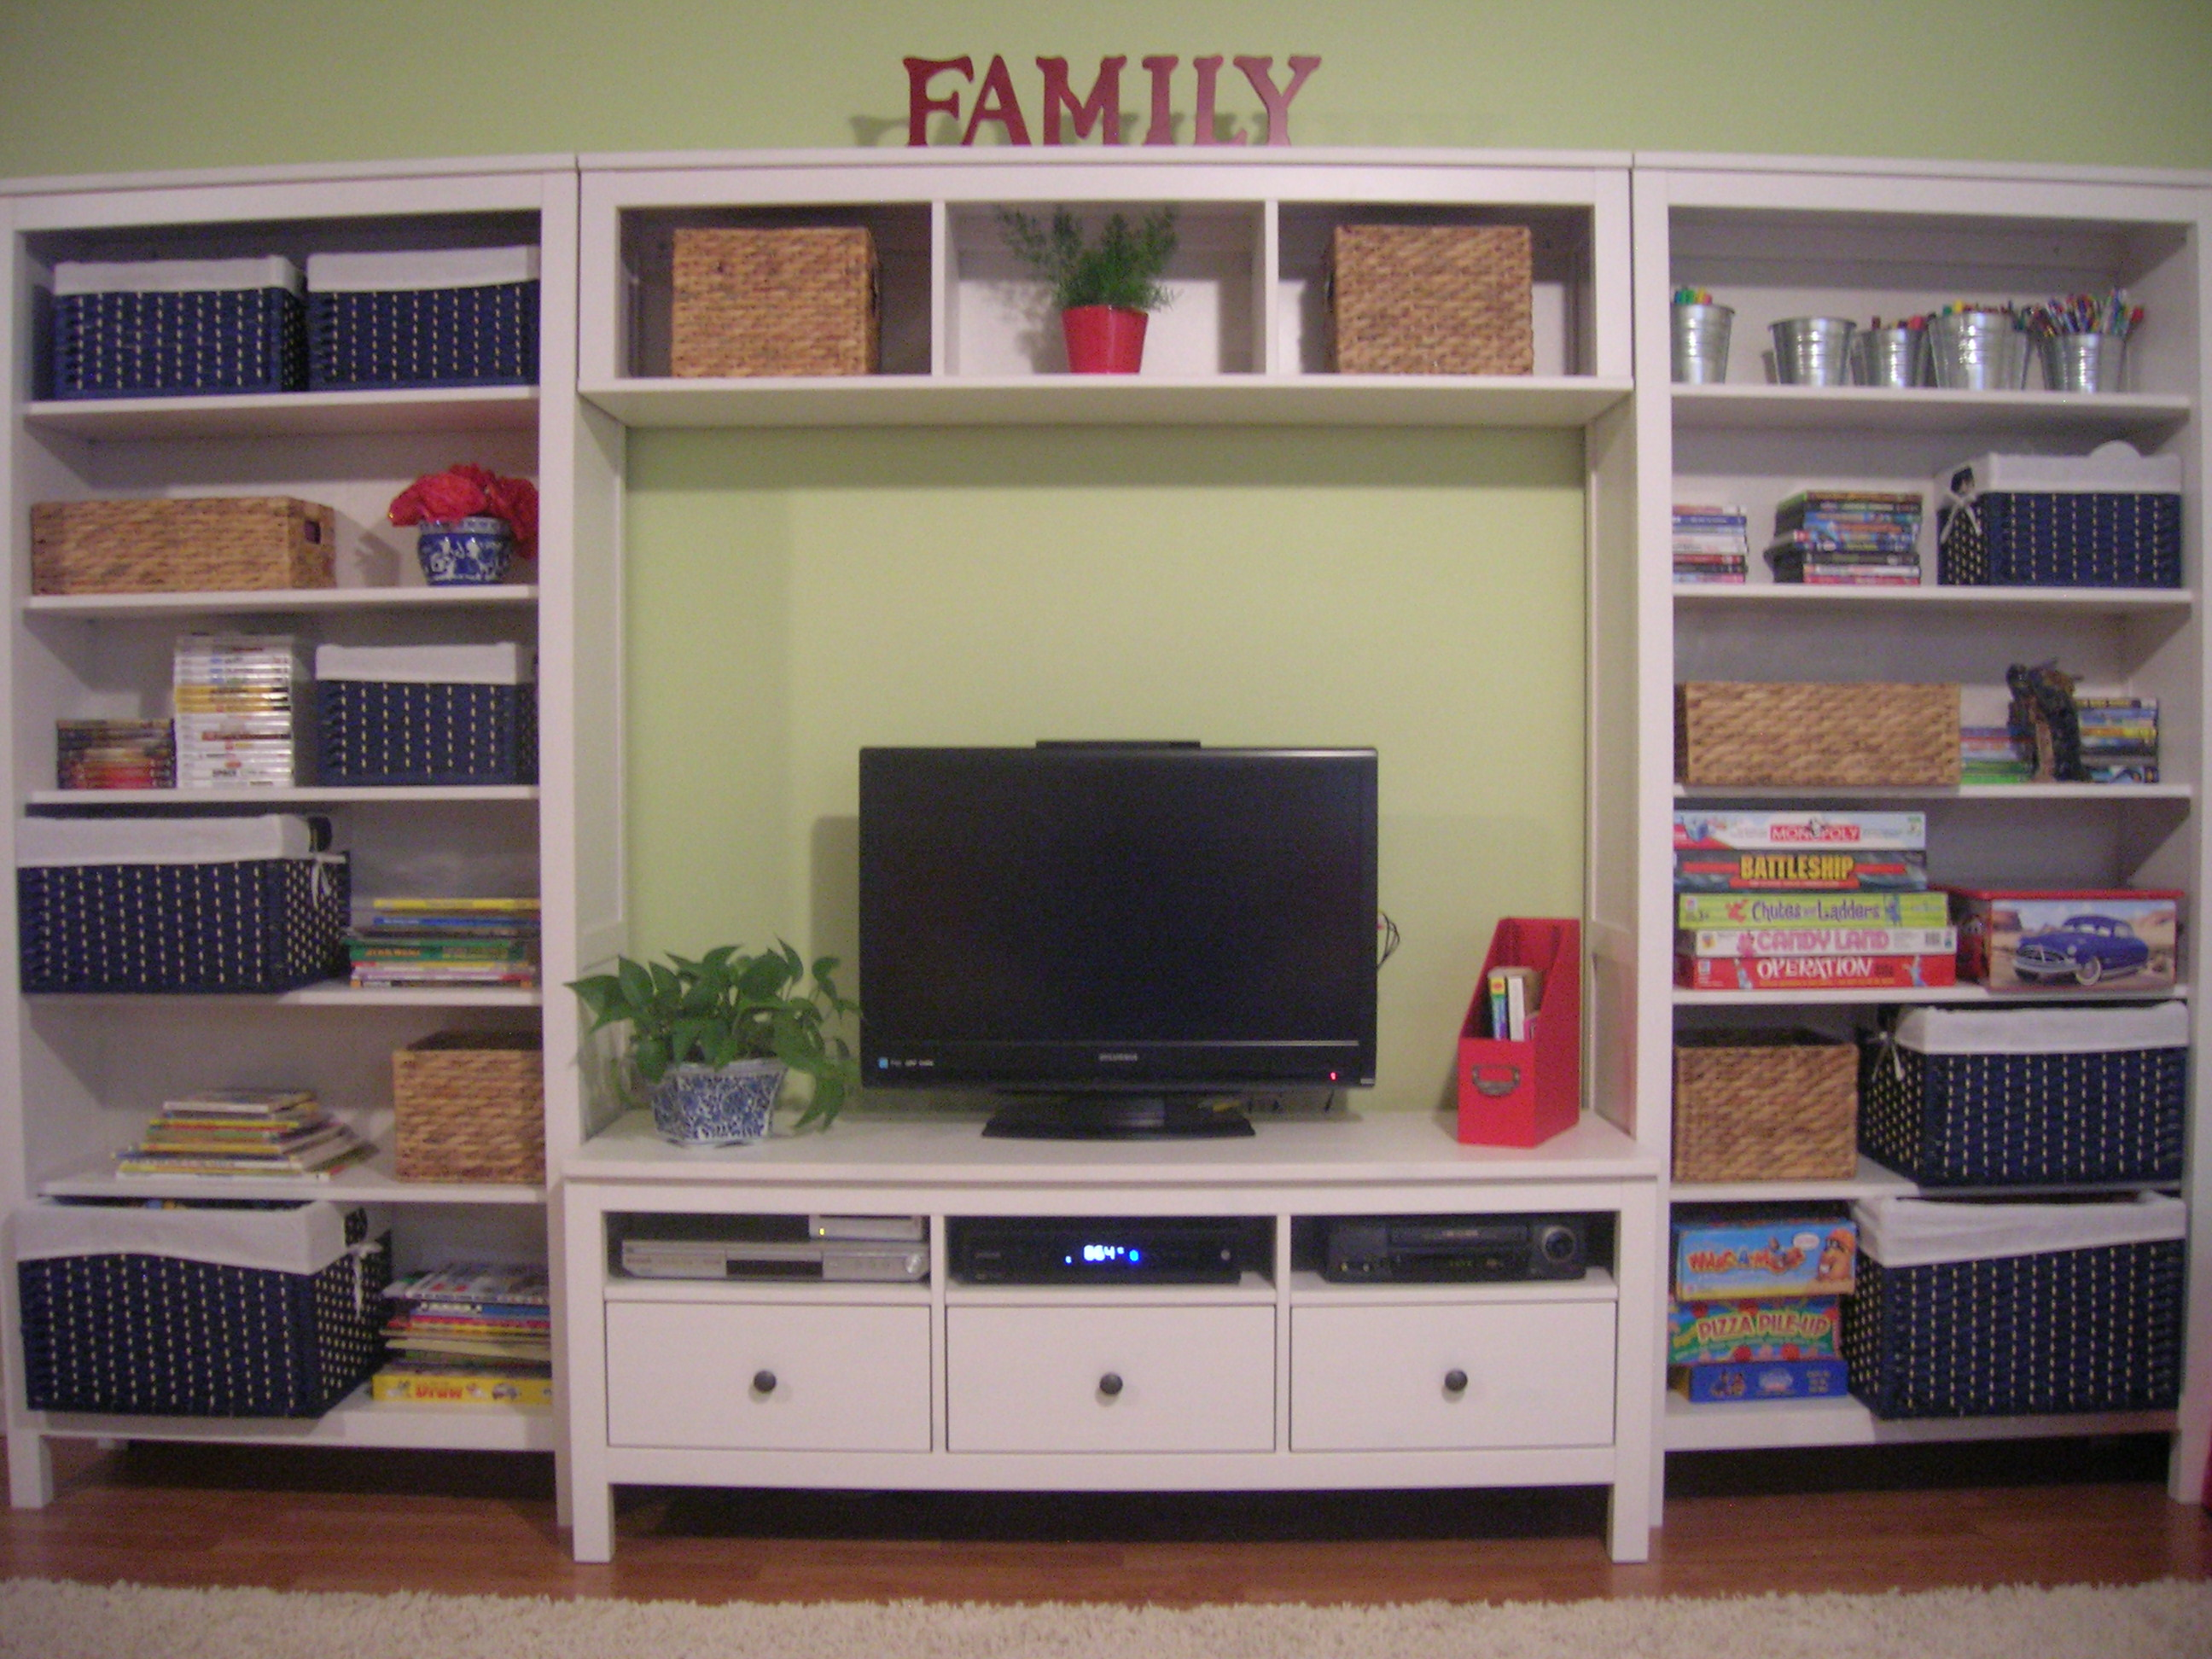 hemnes tv stand affordable hemnes tv stand dimensions. Black Bedroom Furniture Sets. Home Design Ideas